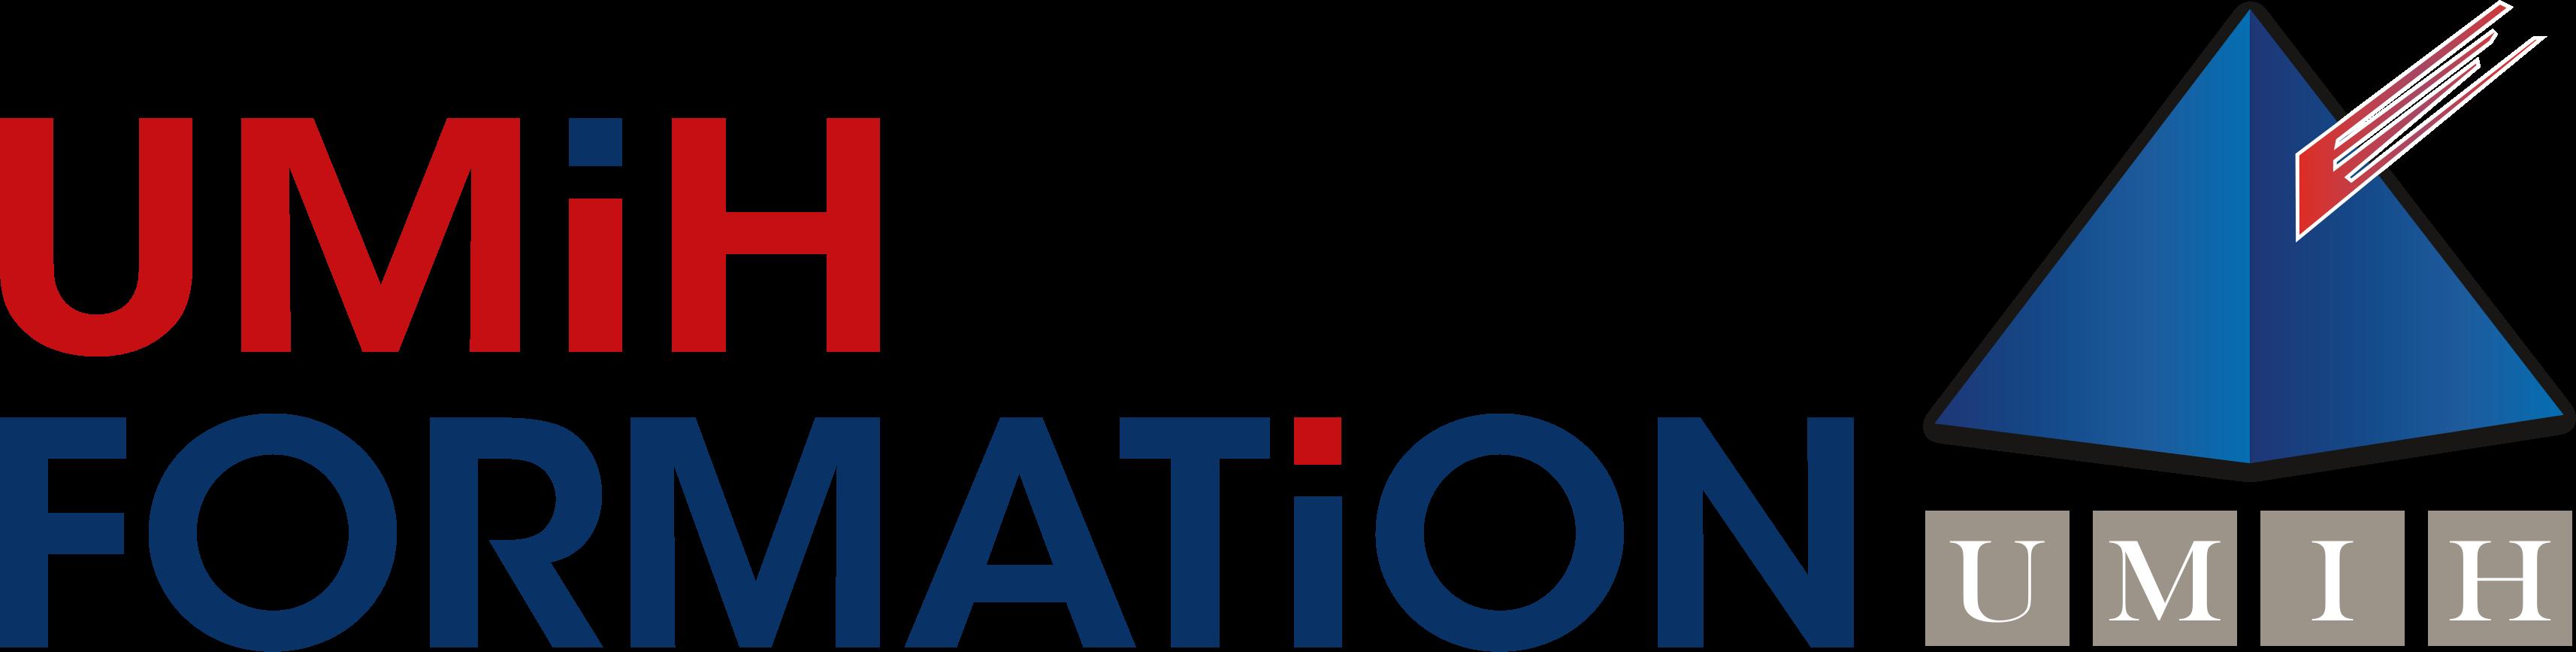 umih formation logo.png